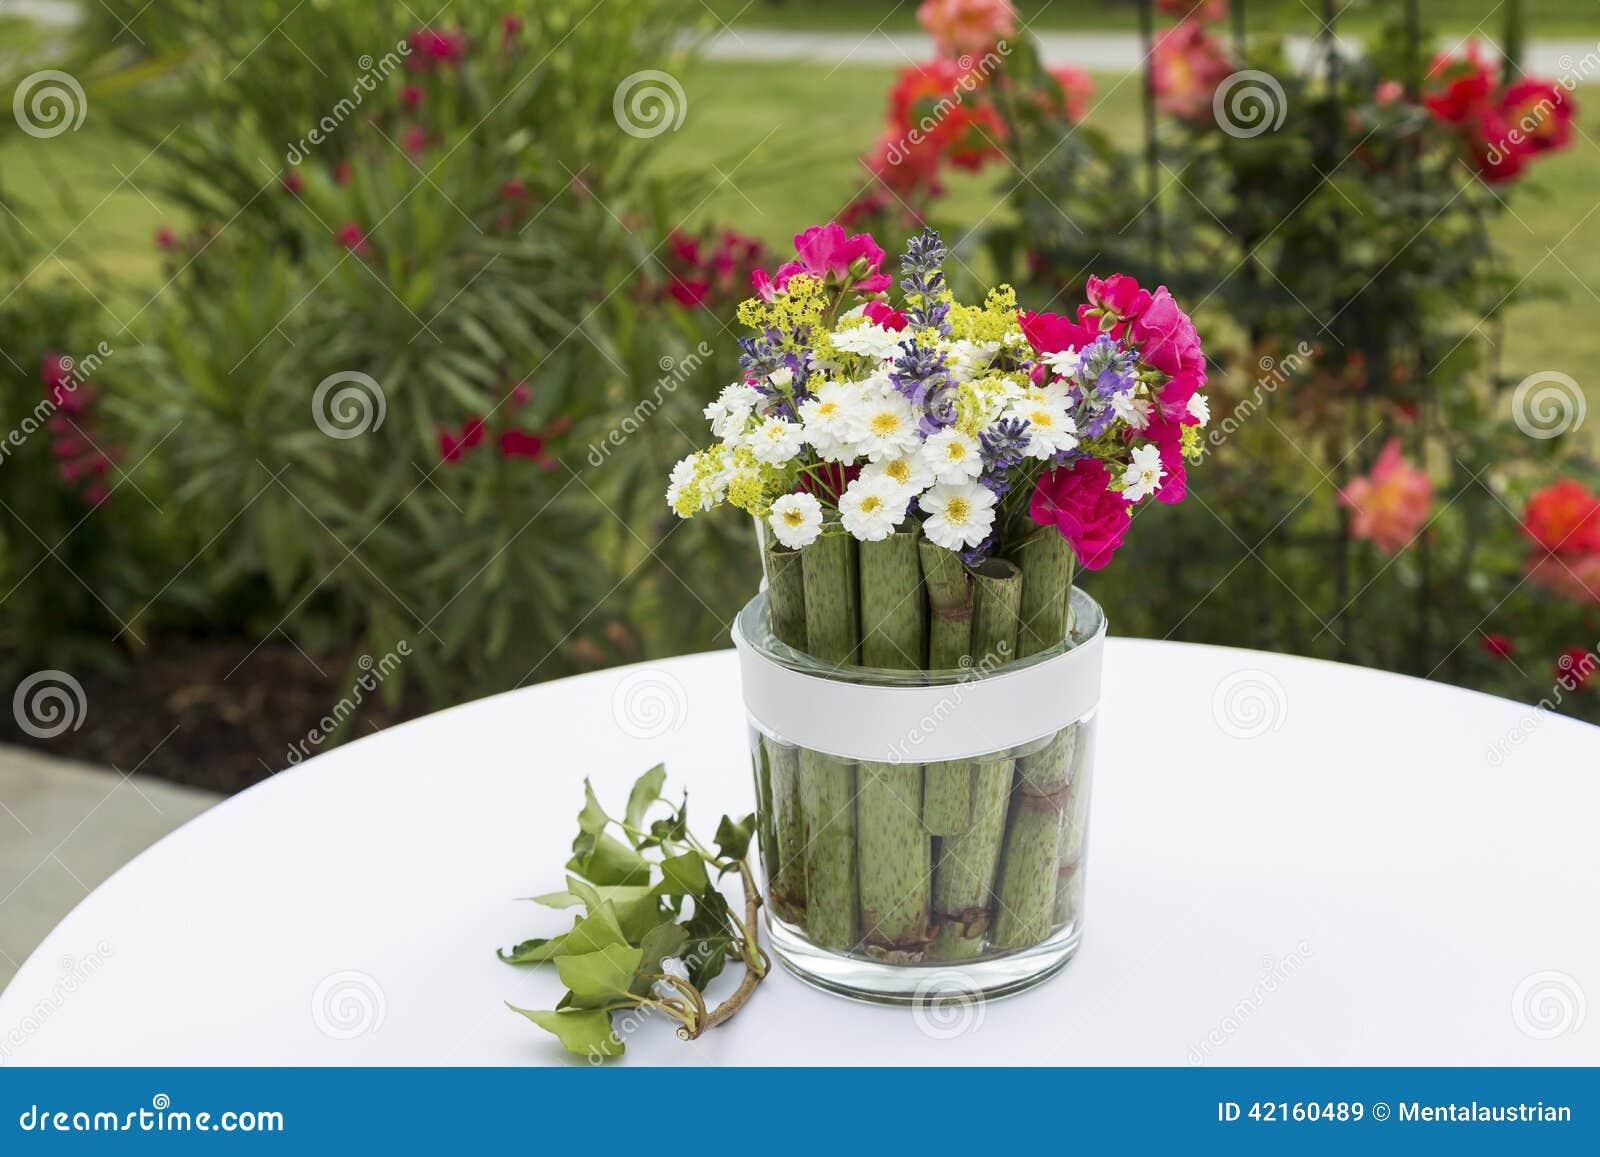 blumen in glas – bankroute, Garten und erstellen